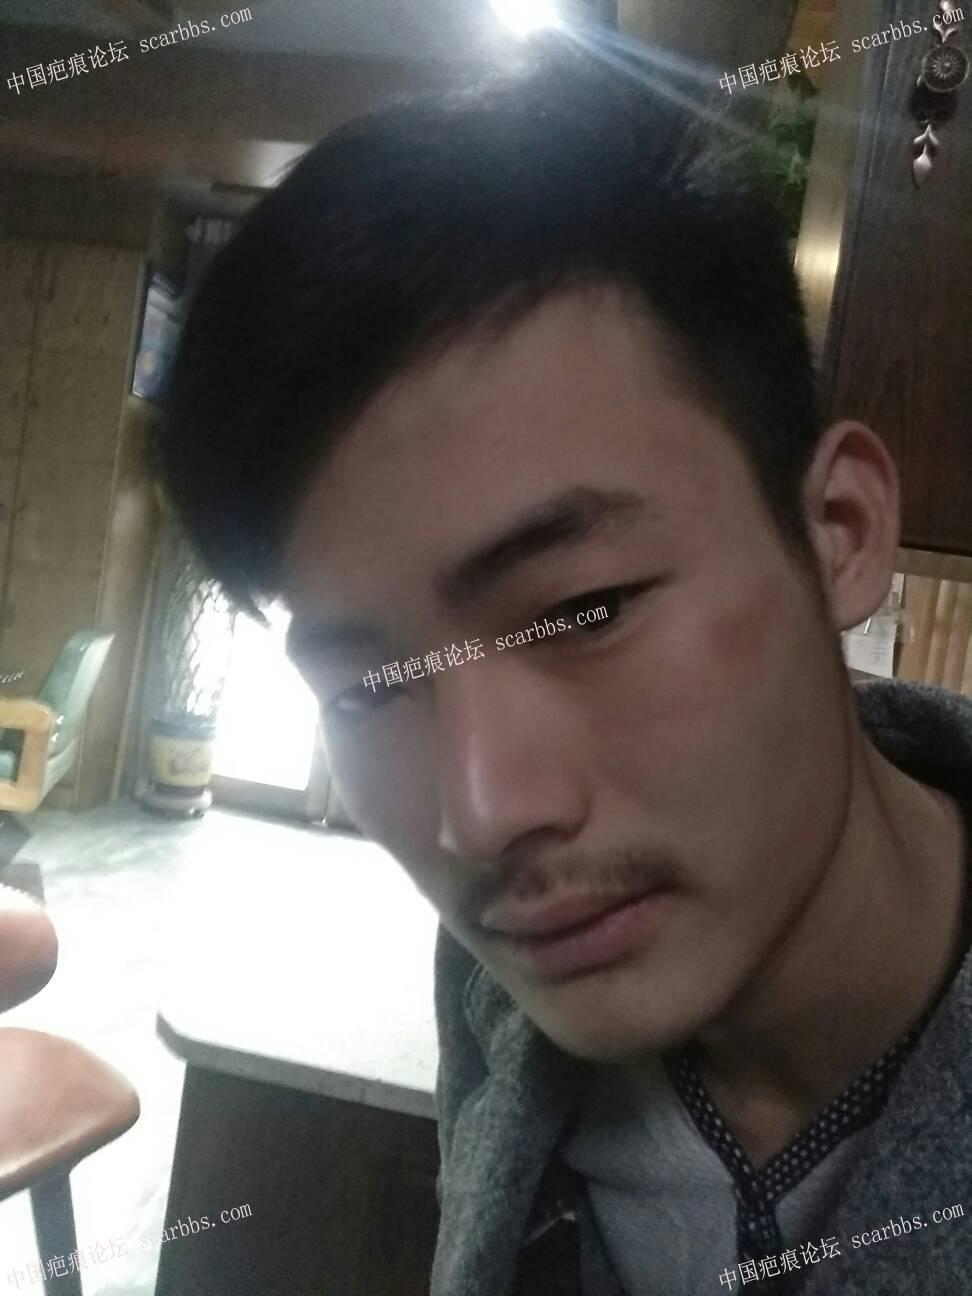 摔伤结痂强行扣掉,导致扣掉位置特别红,有什么办法可以淡化吗,3个月了,69-疤痕体质图片_疤痕疙瘩图片-中国疤痕论坛